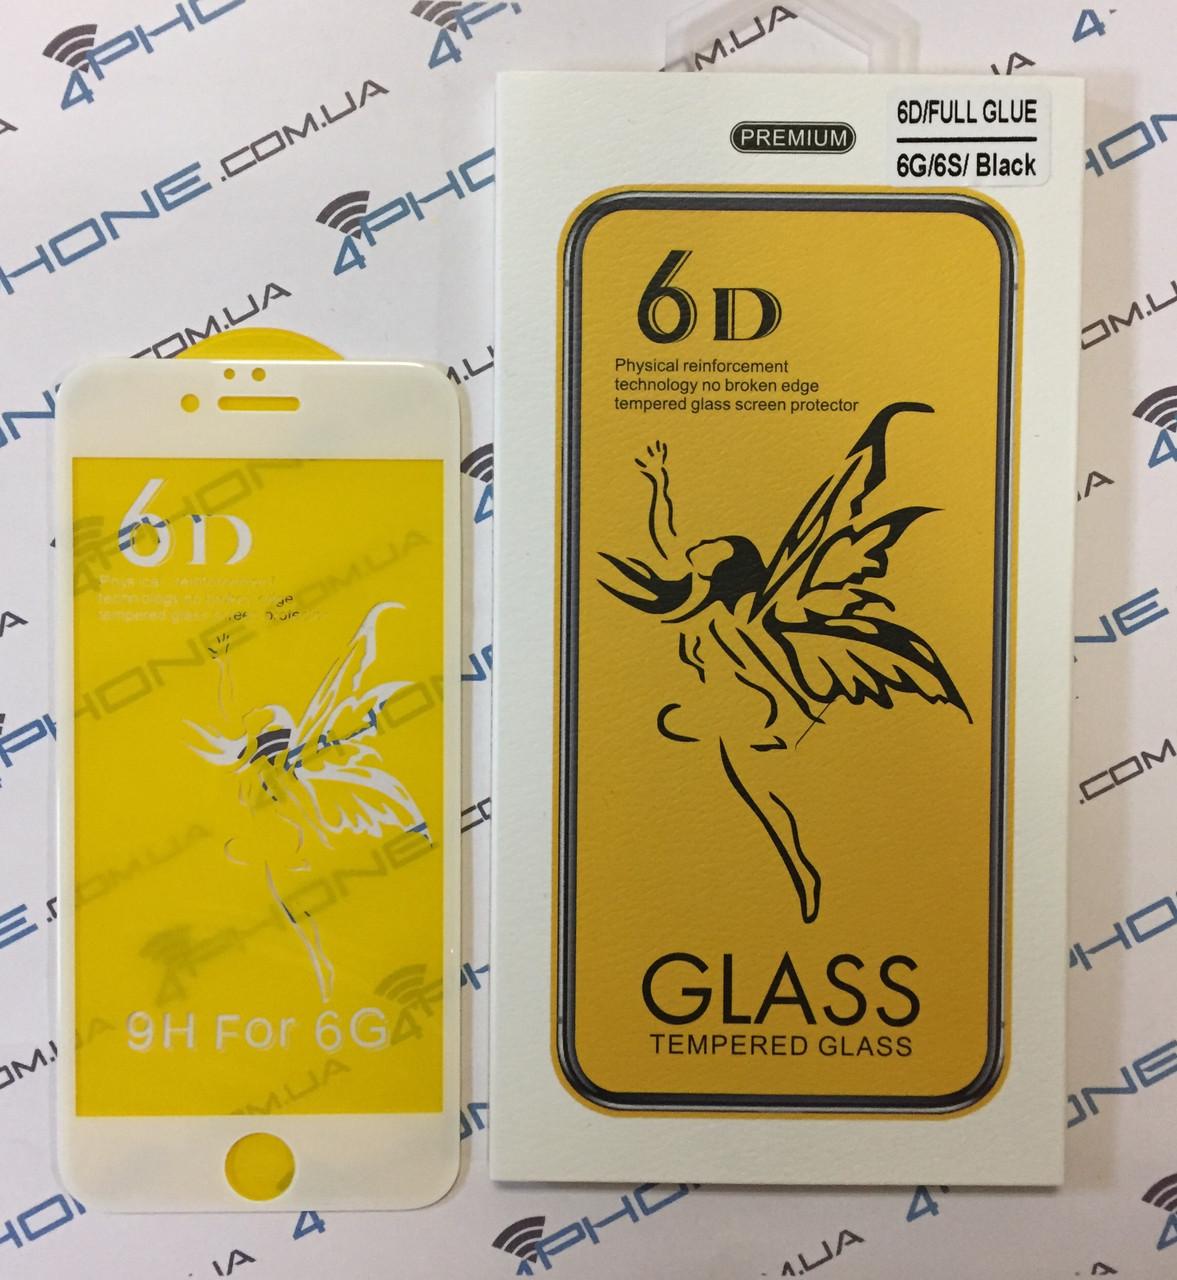 Защитное стекло Premium 6D для iPhone - white